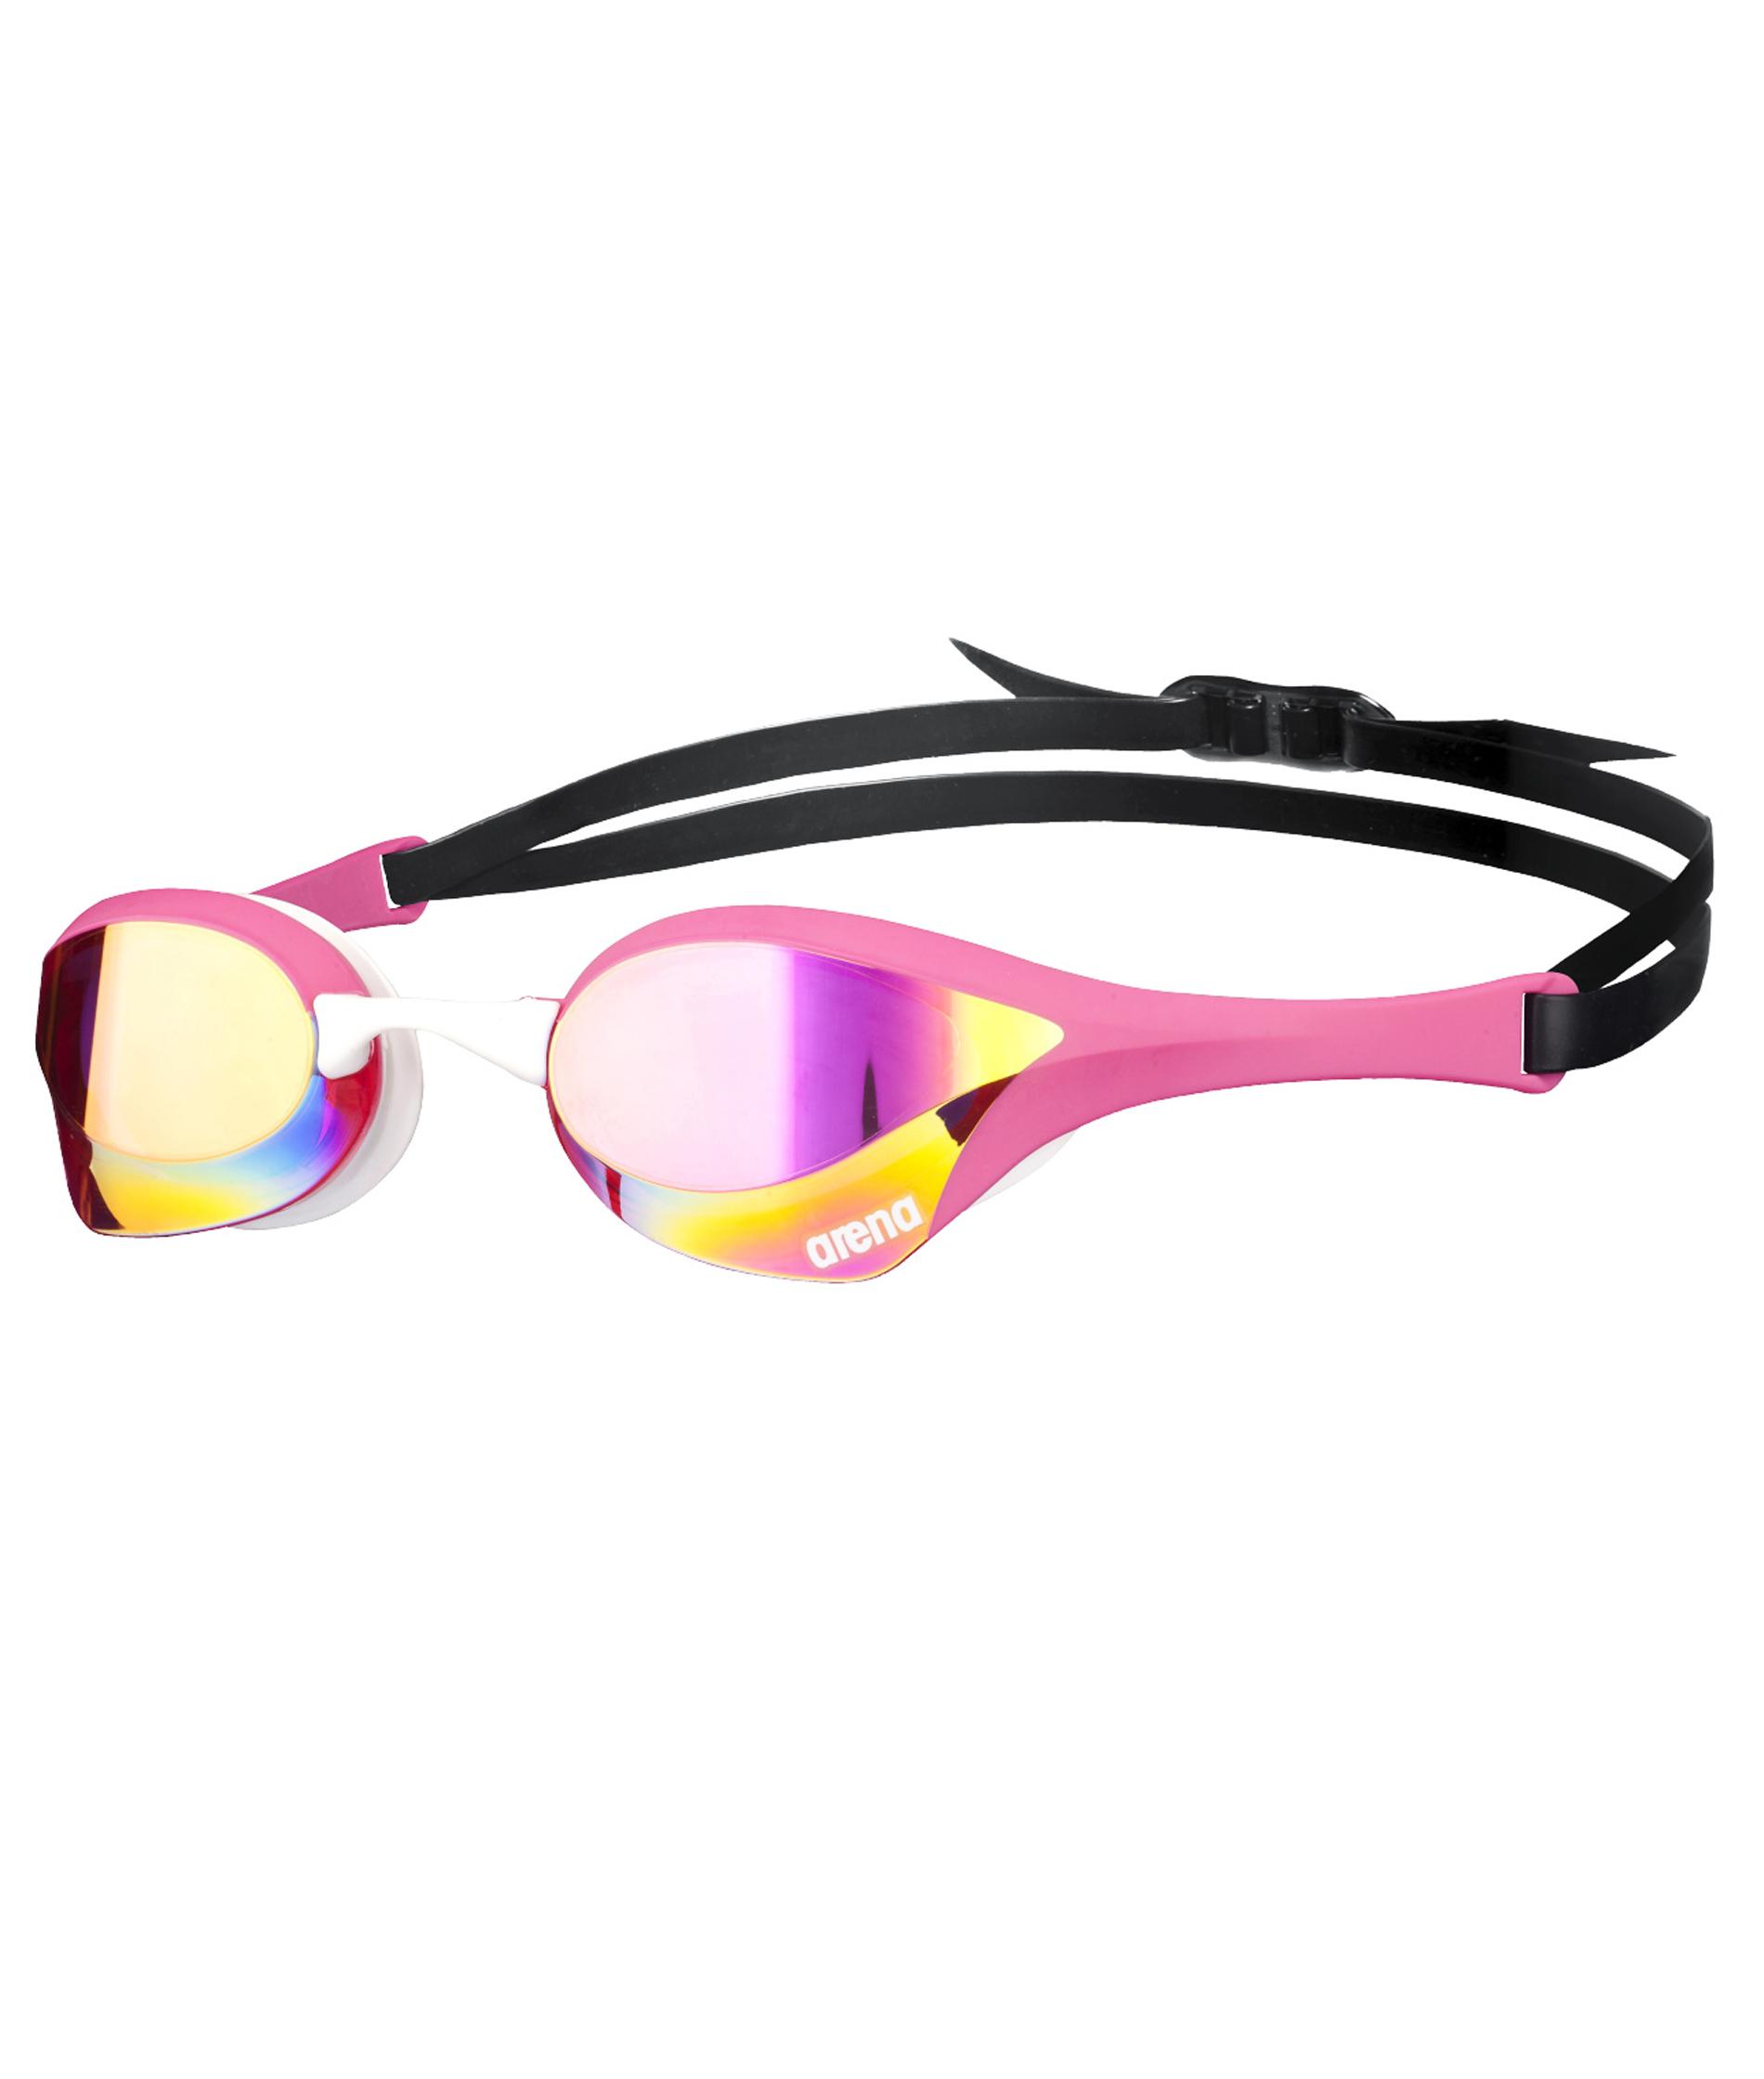 Arena Cobra Ultra Mirror Goggle - Pink/White